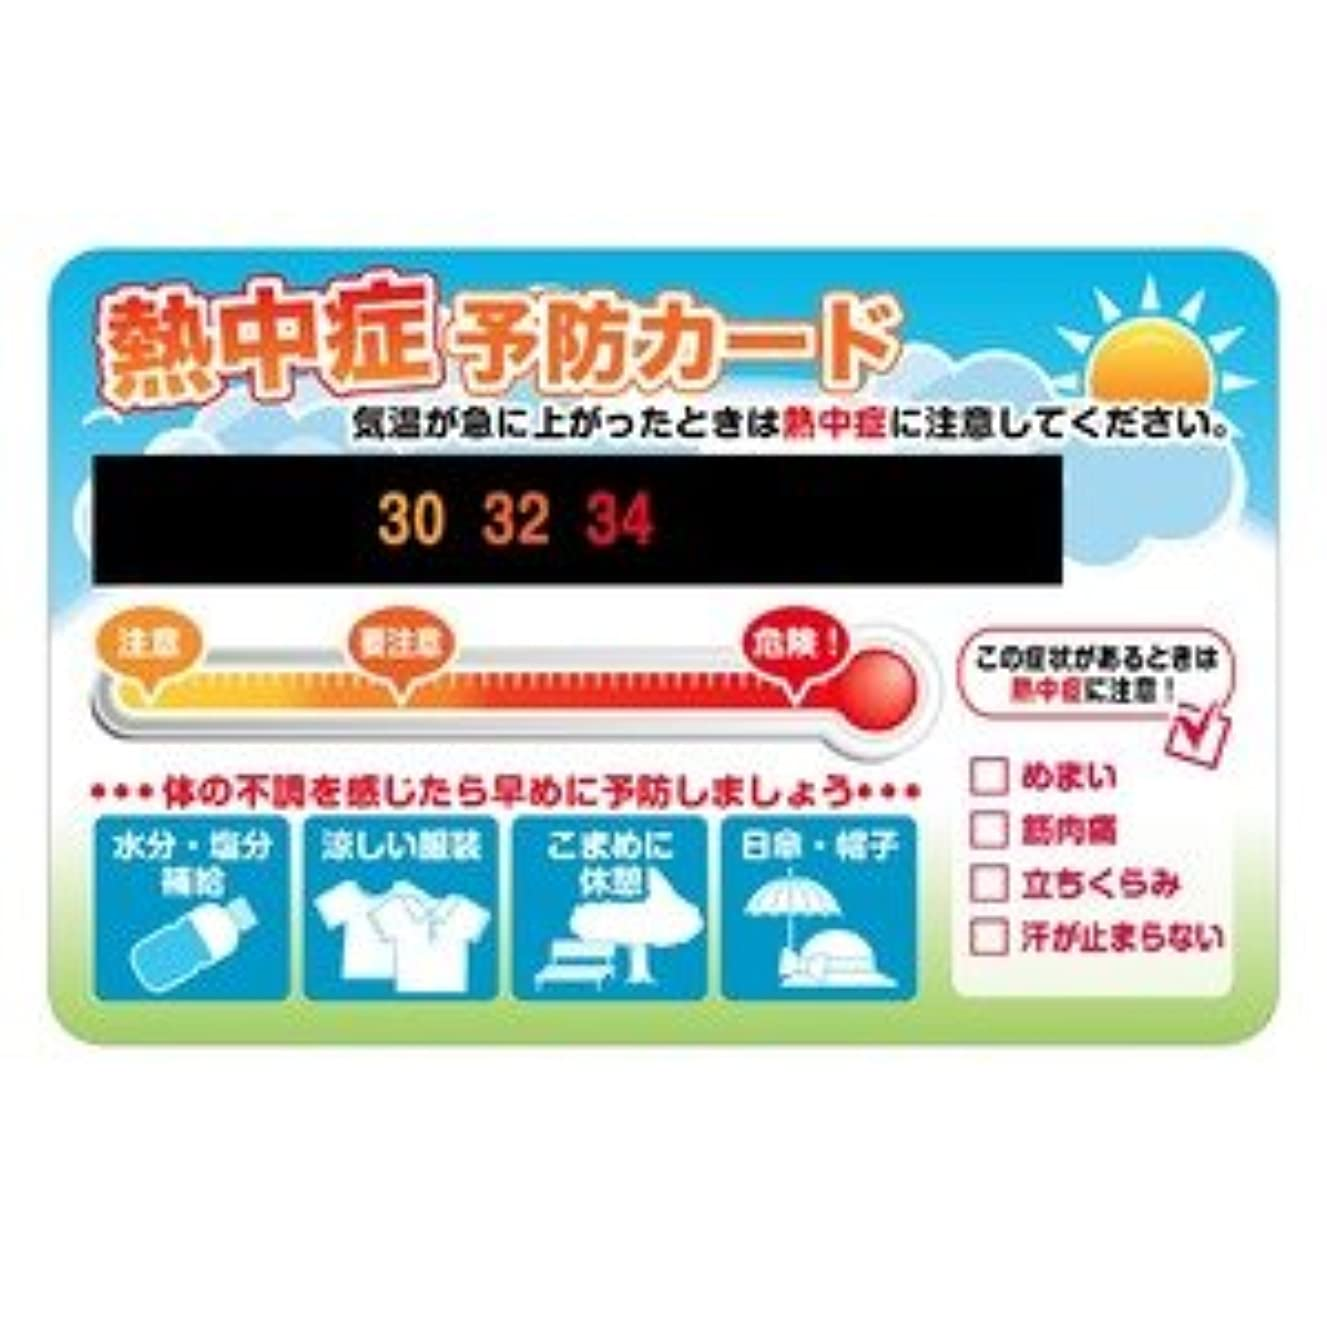 歩き回る執着気付く熱中症予防カード?NE2 【100枚セット】 熱中症対策